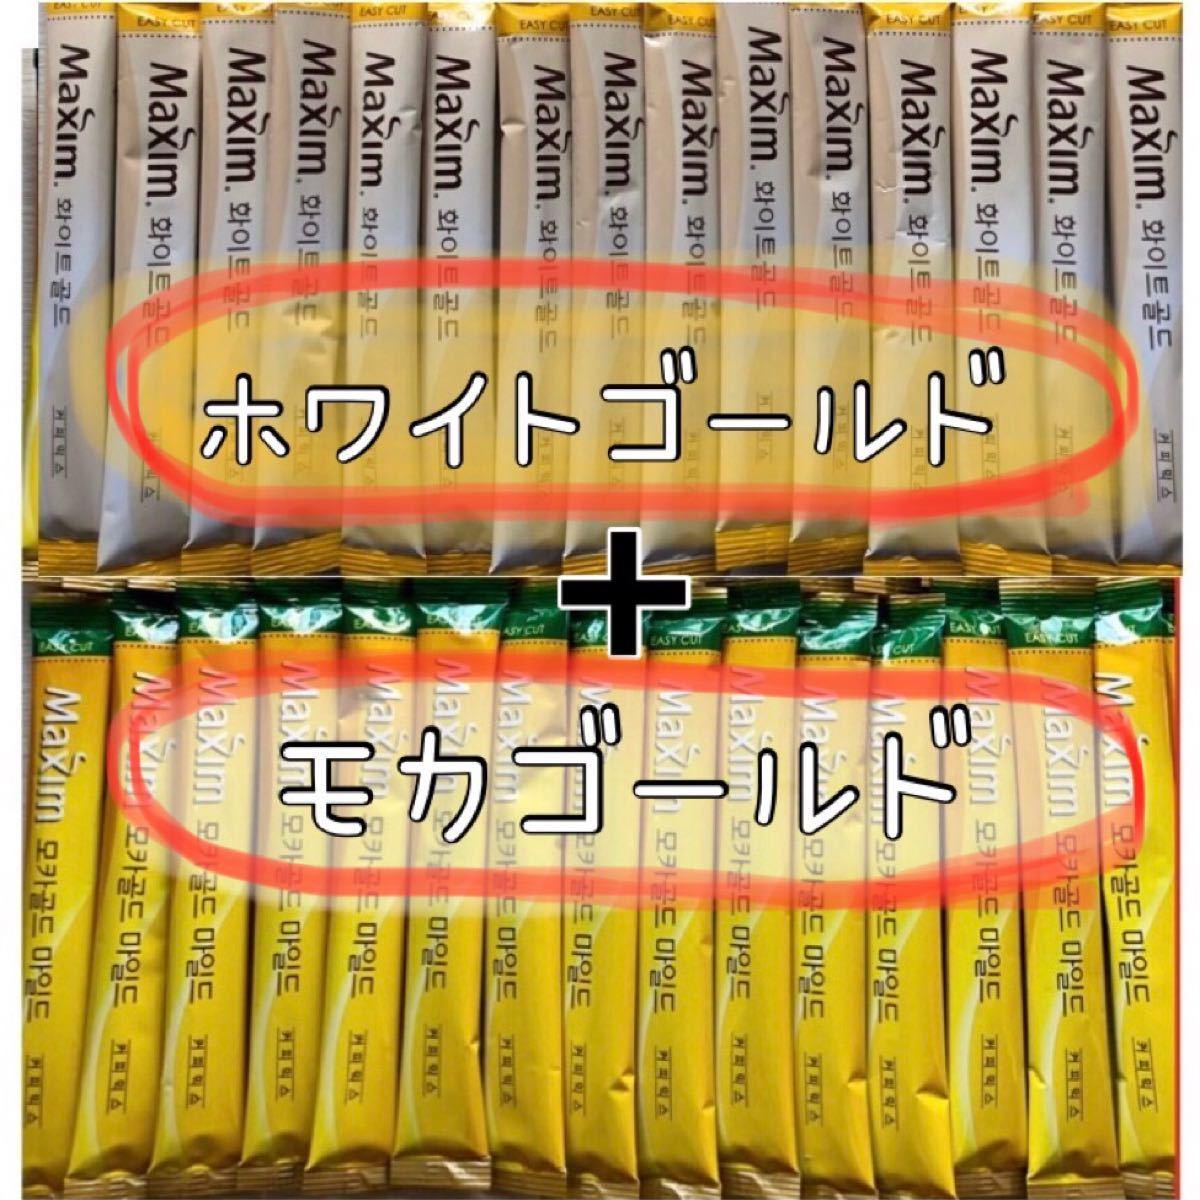 【50本】マキシムコーヒー 韓国 珈琲 スティック インスタント コーヒー